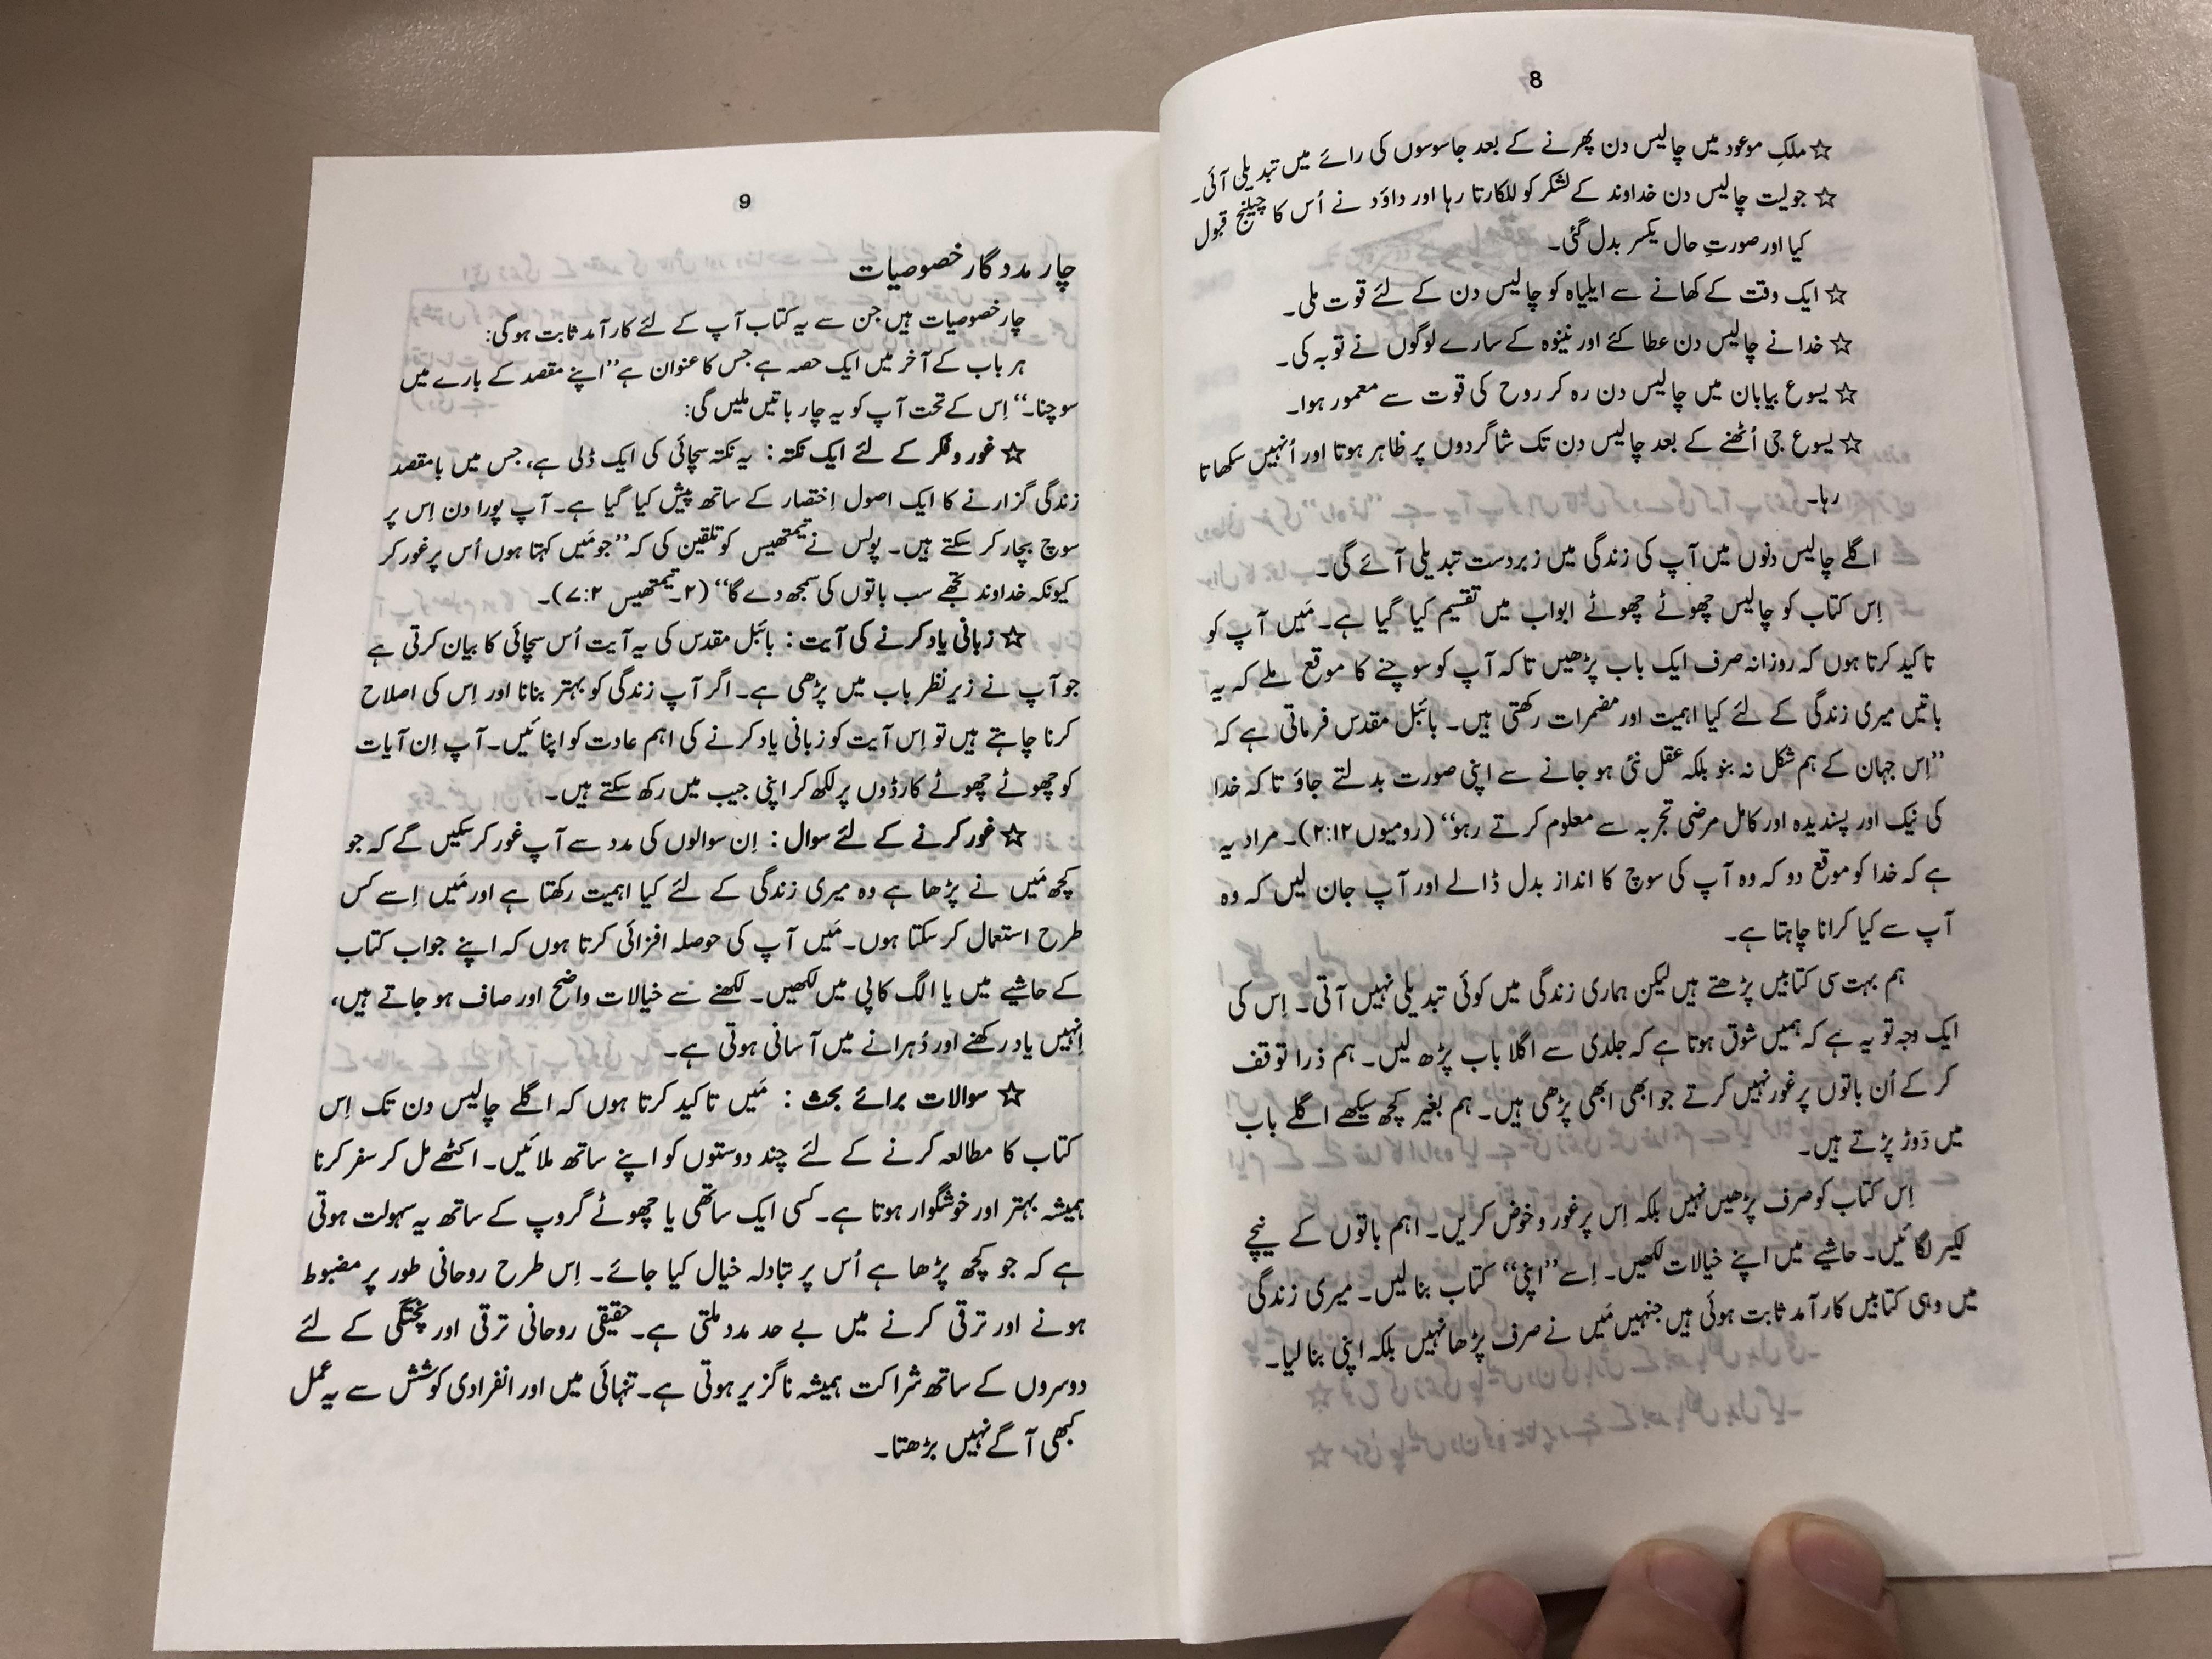 purpose-driven-life-in-urdu-by-rick-warren-masihi-isha-at-khana-paperback-2019-7-.jpg